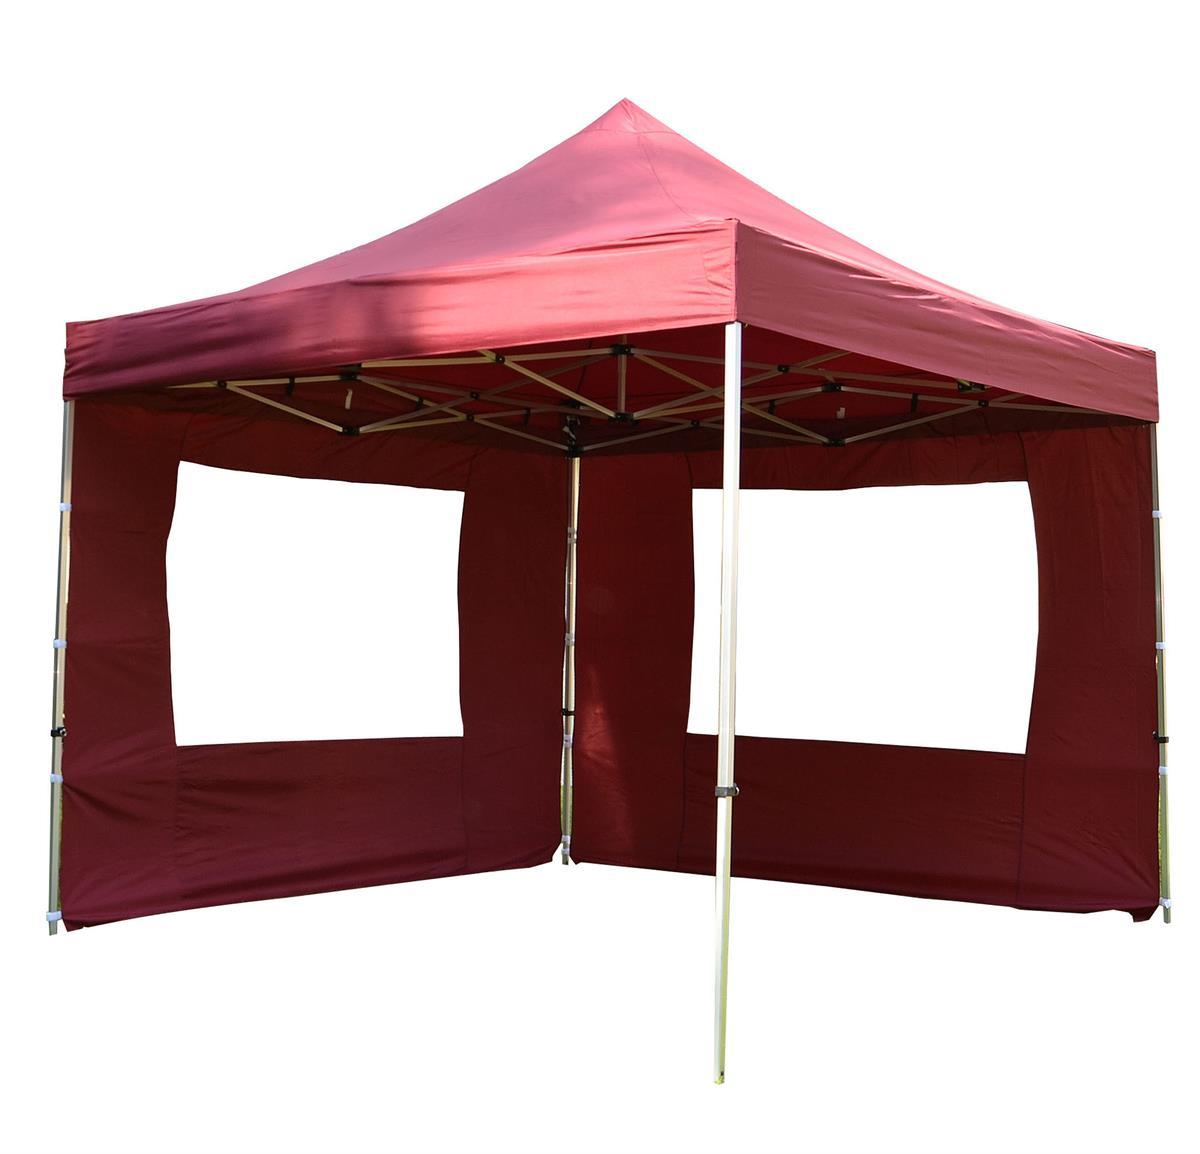 PROFI Falt Pavillon 4 Seitenteile 3x3m burgund rot Dach wasserdicht 270 g/m²